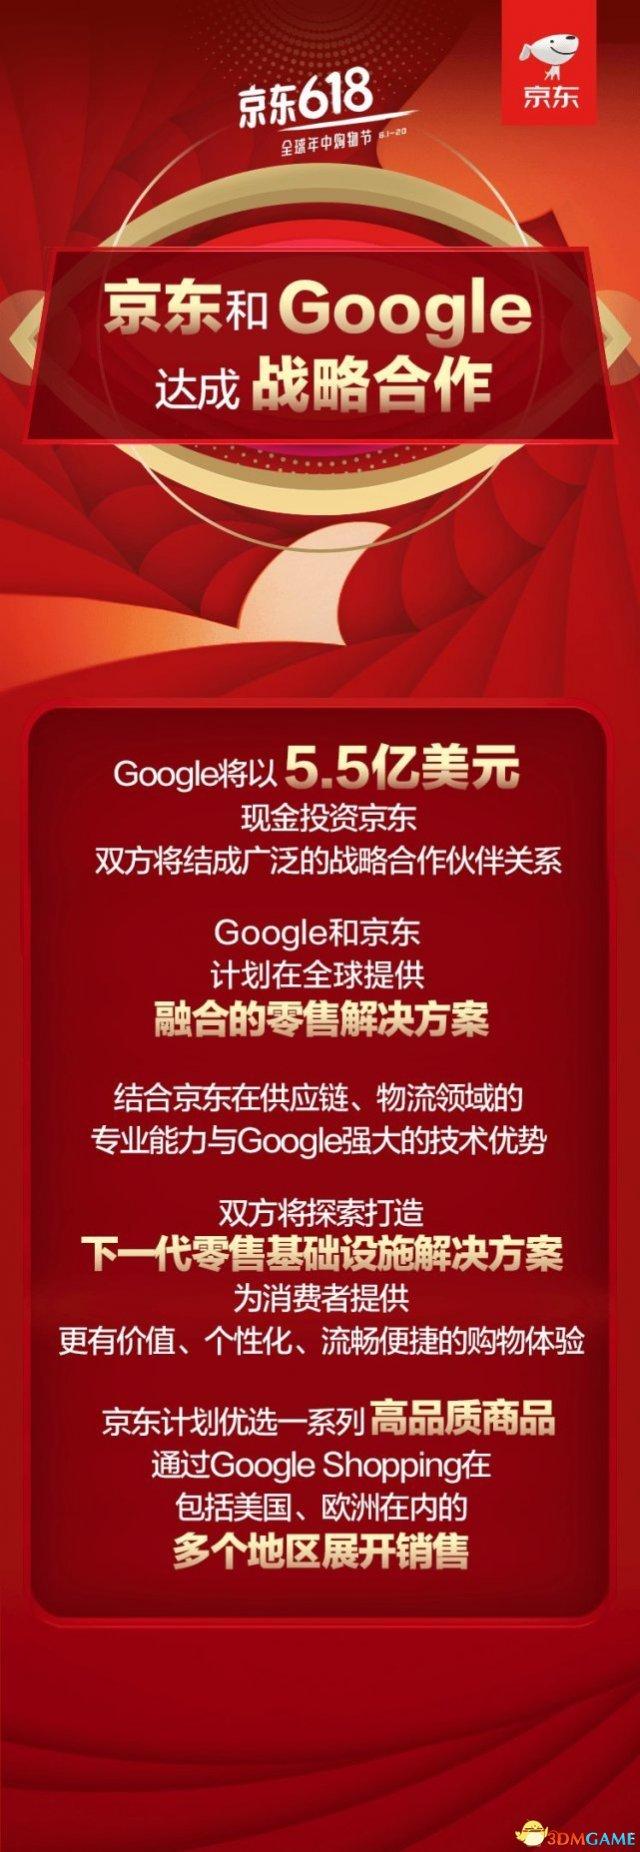 谷歌5.5億美元投資京東 將獲超2700萬股京東股票